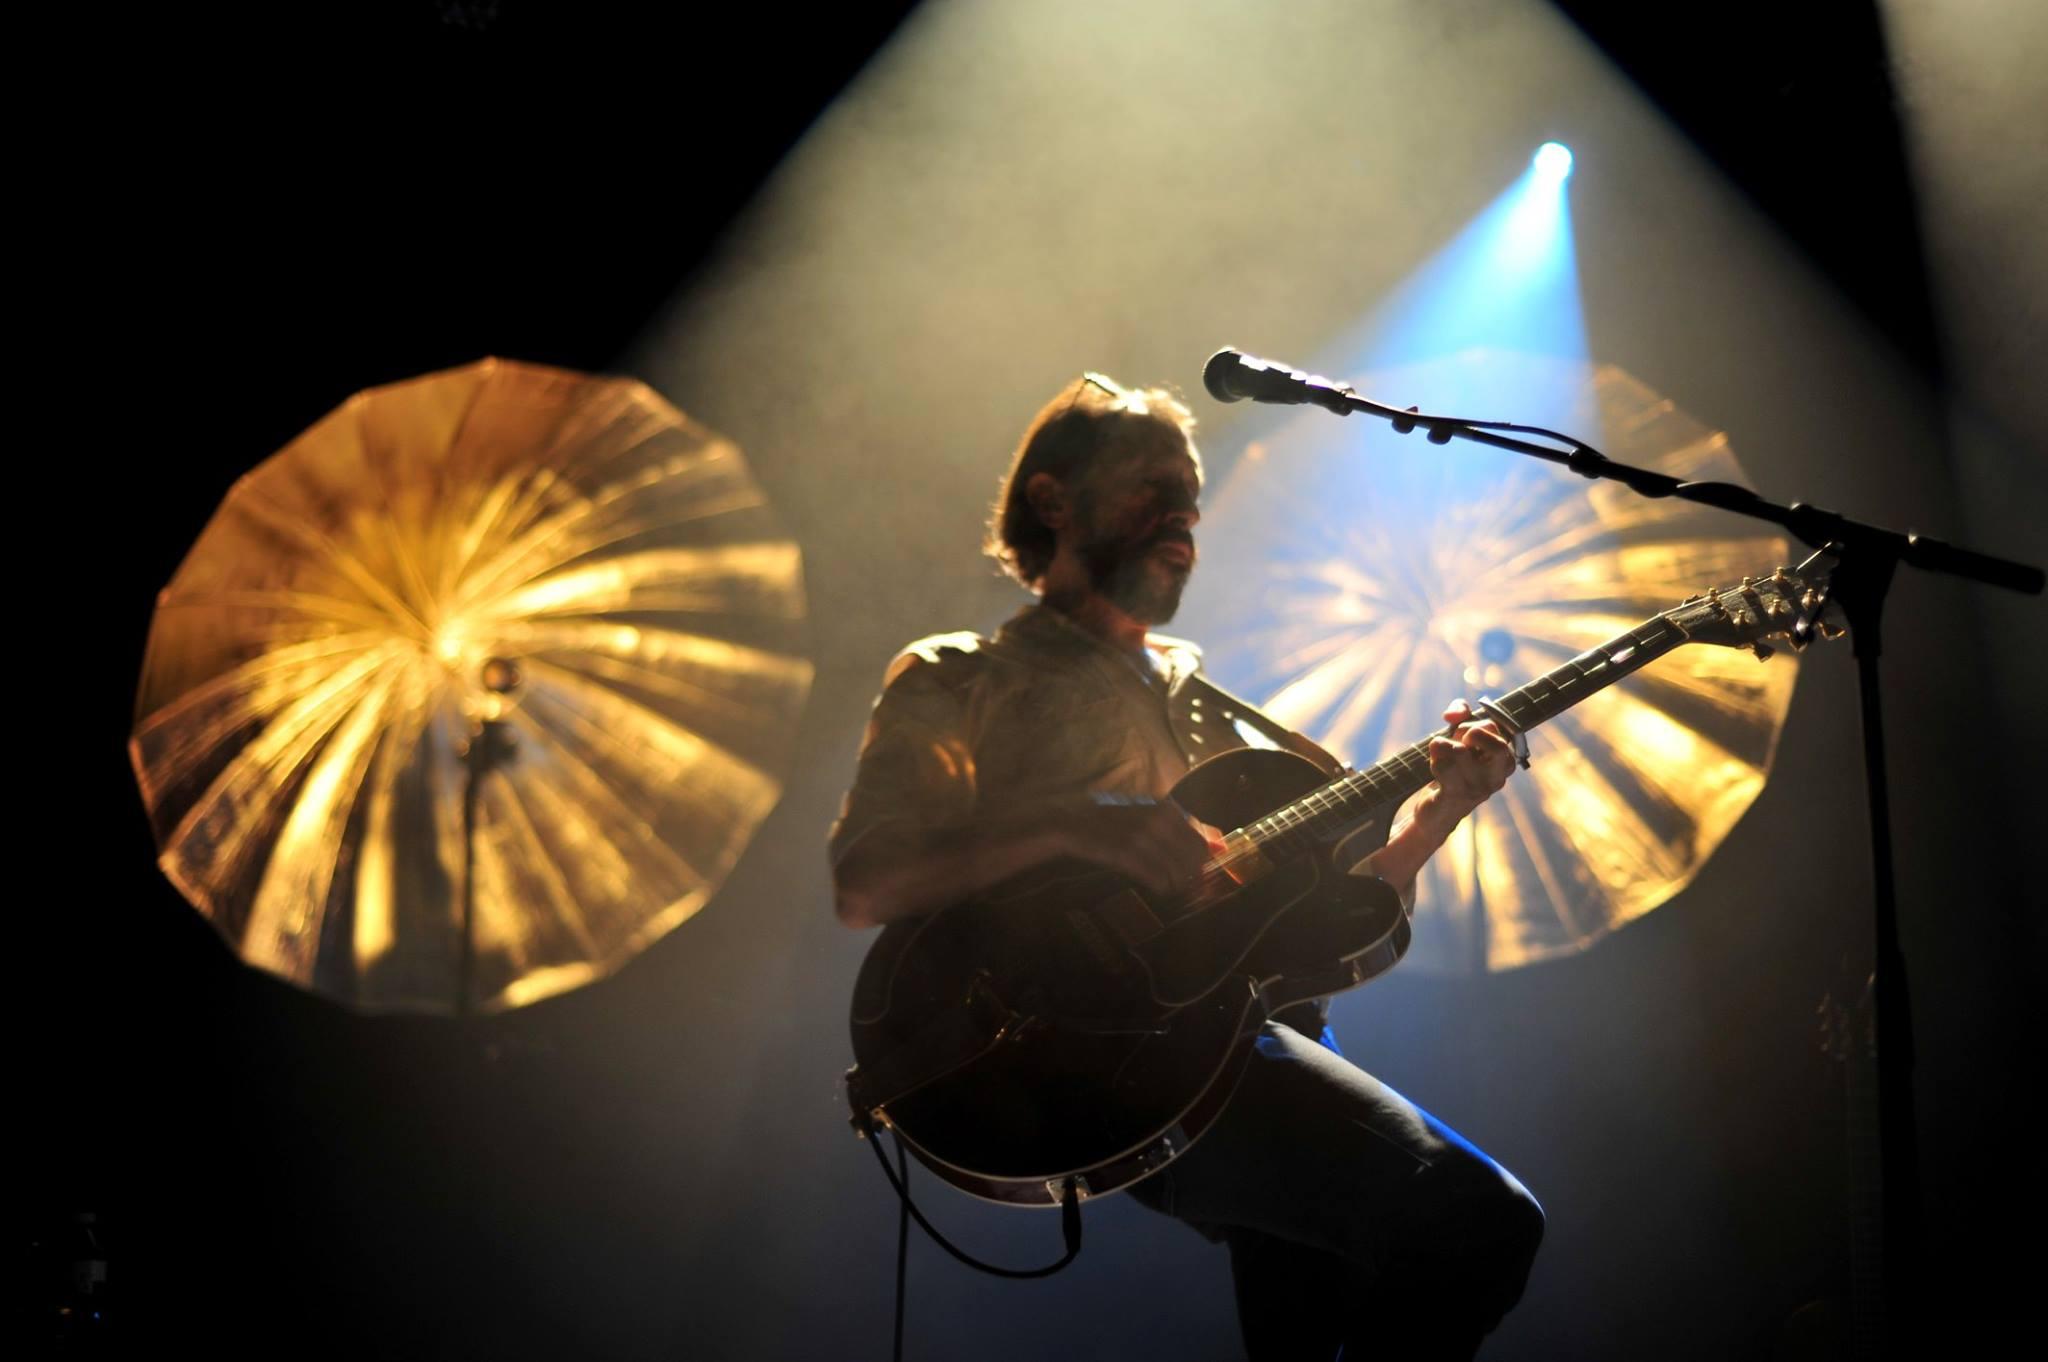 Les Innocents - Concert au Reflektor - Novembre 2015 - Benoît Demazy (6)